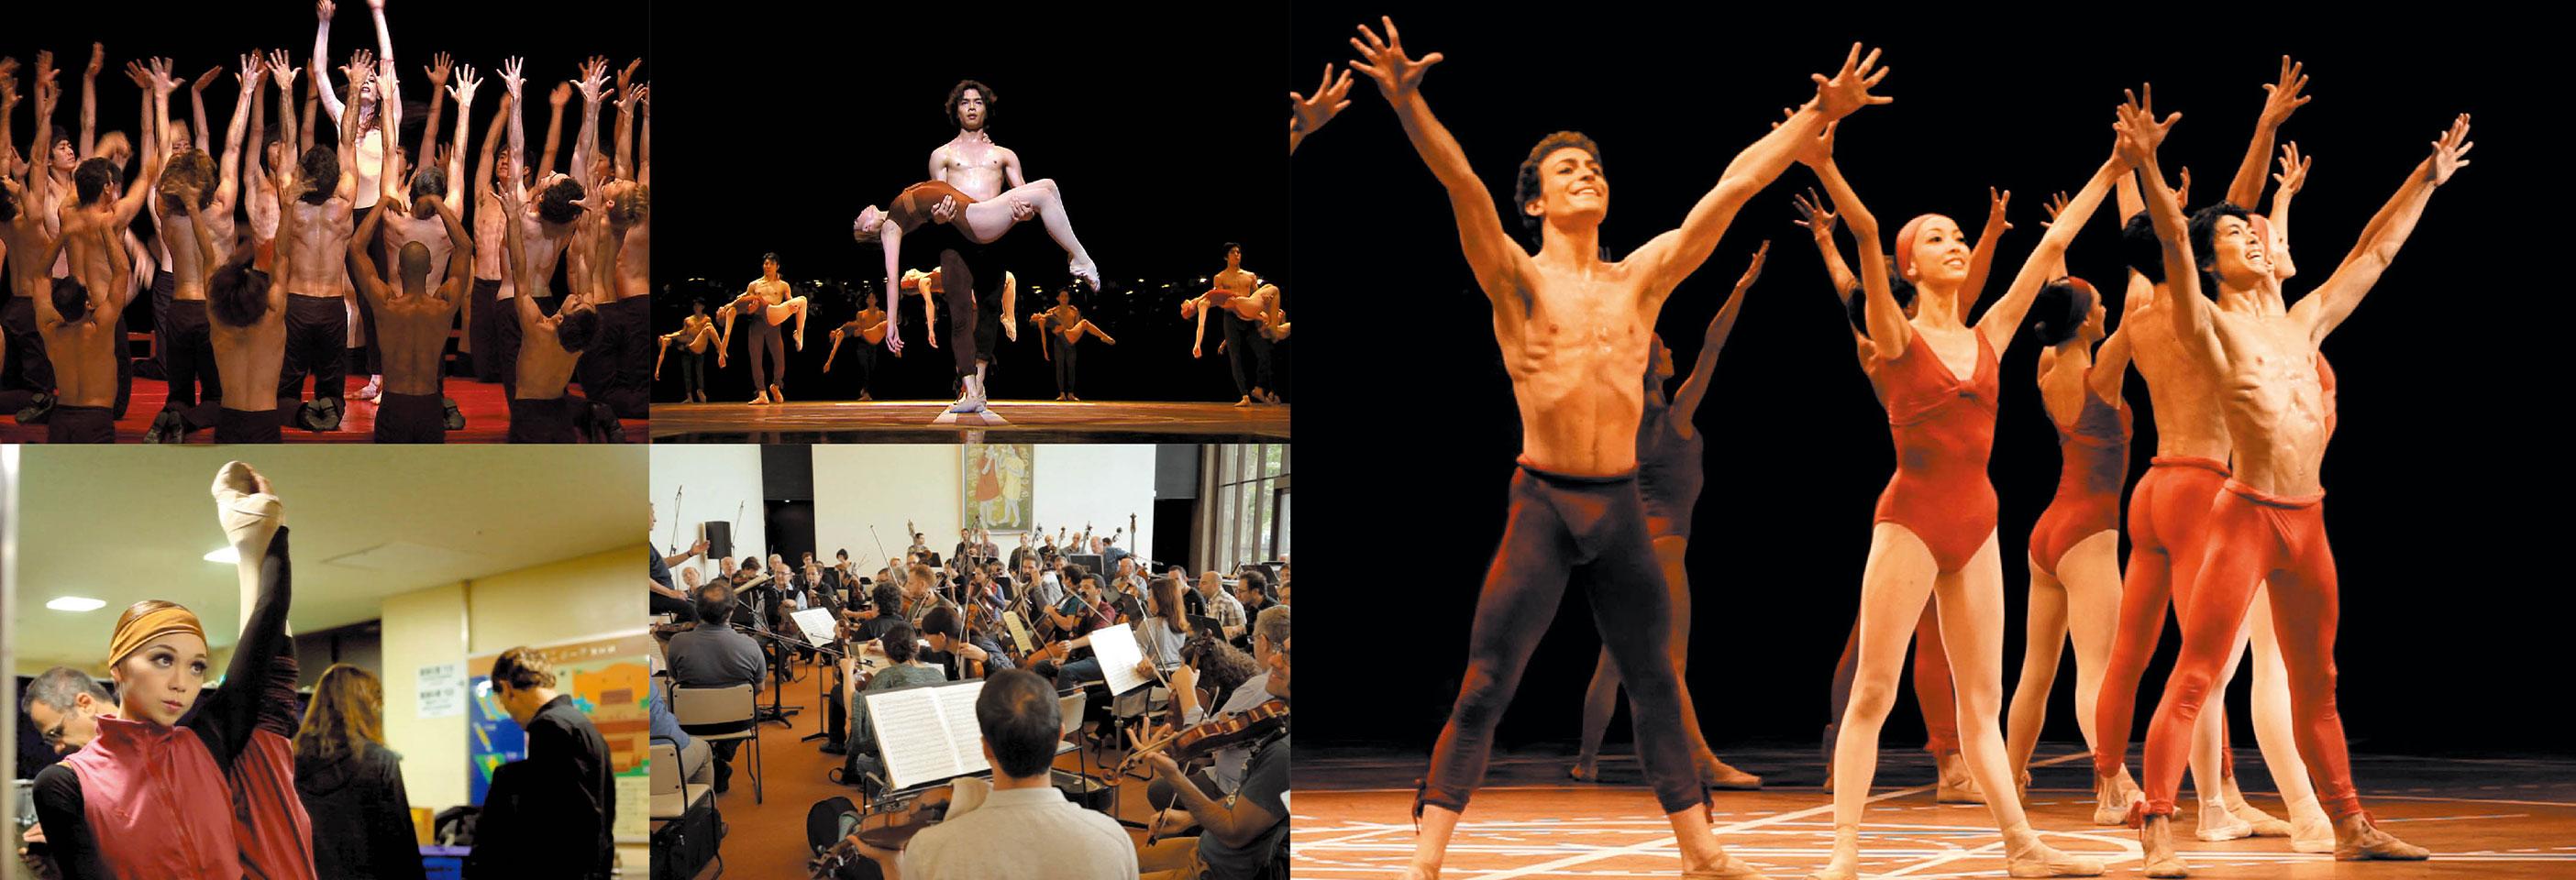 ac832e7e15612 その奇跡のステージを作り上げるまでの過酷な練習や度重なるリハーサル、ダンサーたちの情熱や苦悩といったバックステージを描いたドキュメンタリーが『ダンシング・  ...